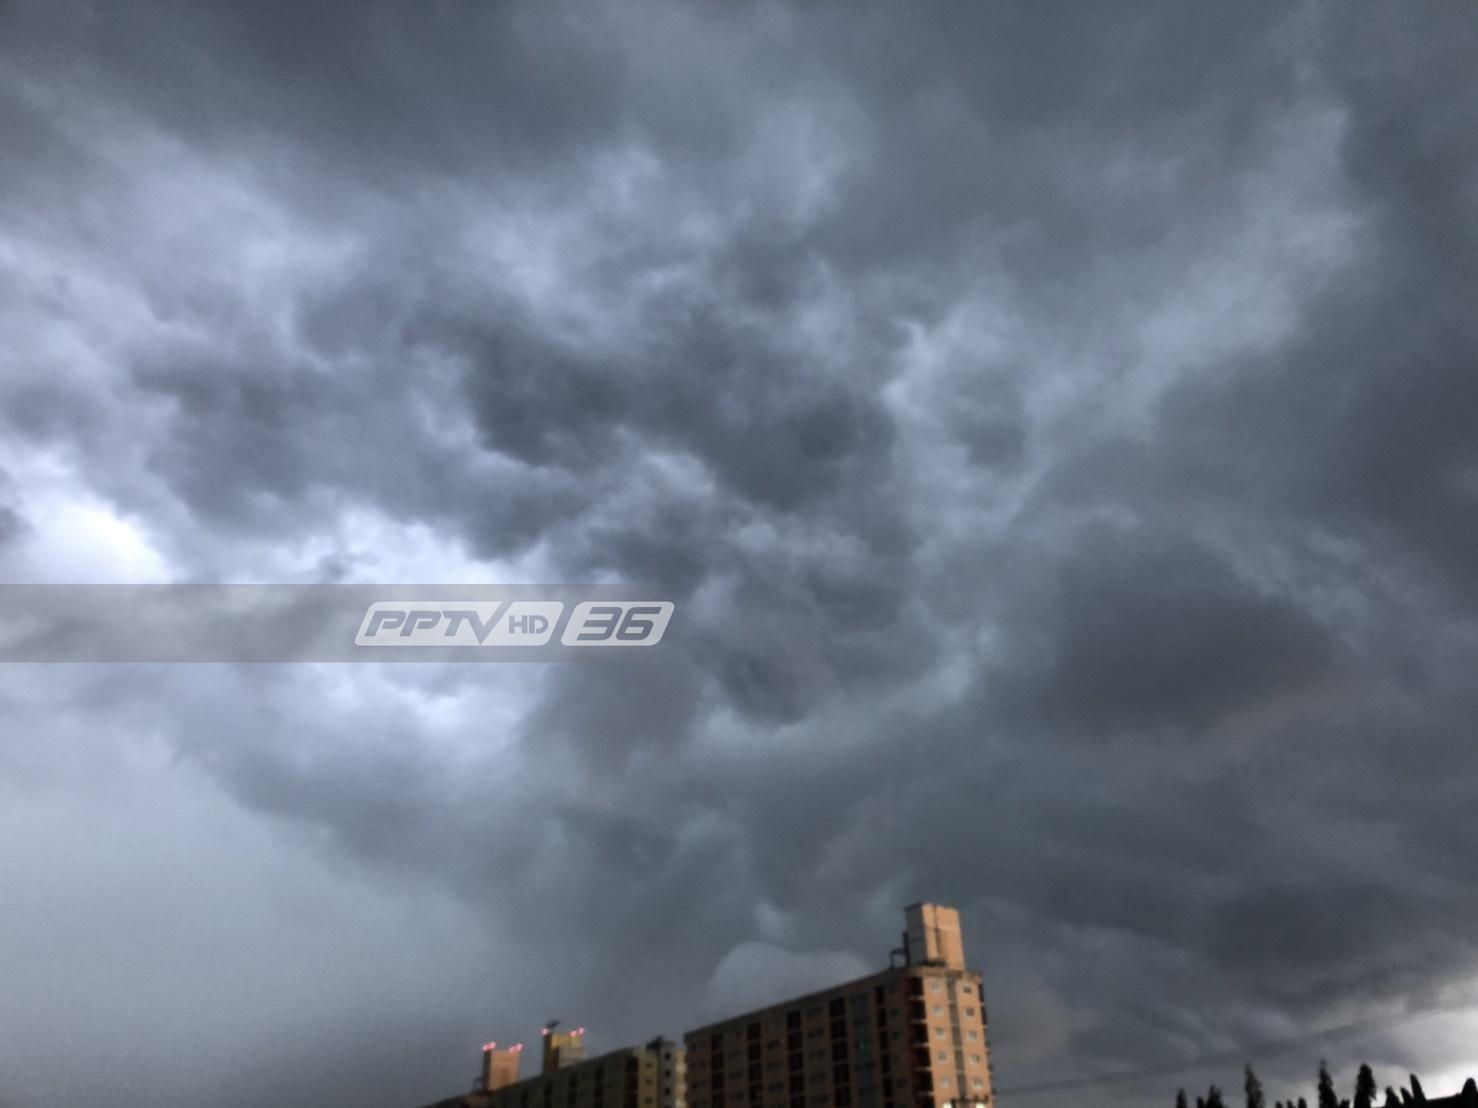 อุตุฯ พยากรณ์อากาศ กทม.มีฝนฟ้าคะนอง ร้อยละ 40 ตกหนักบางแห่ง